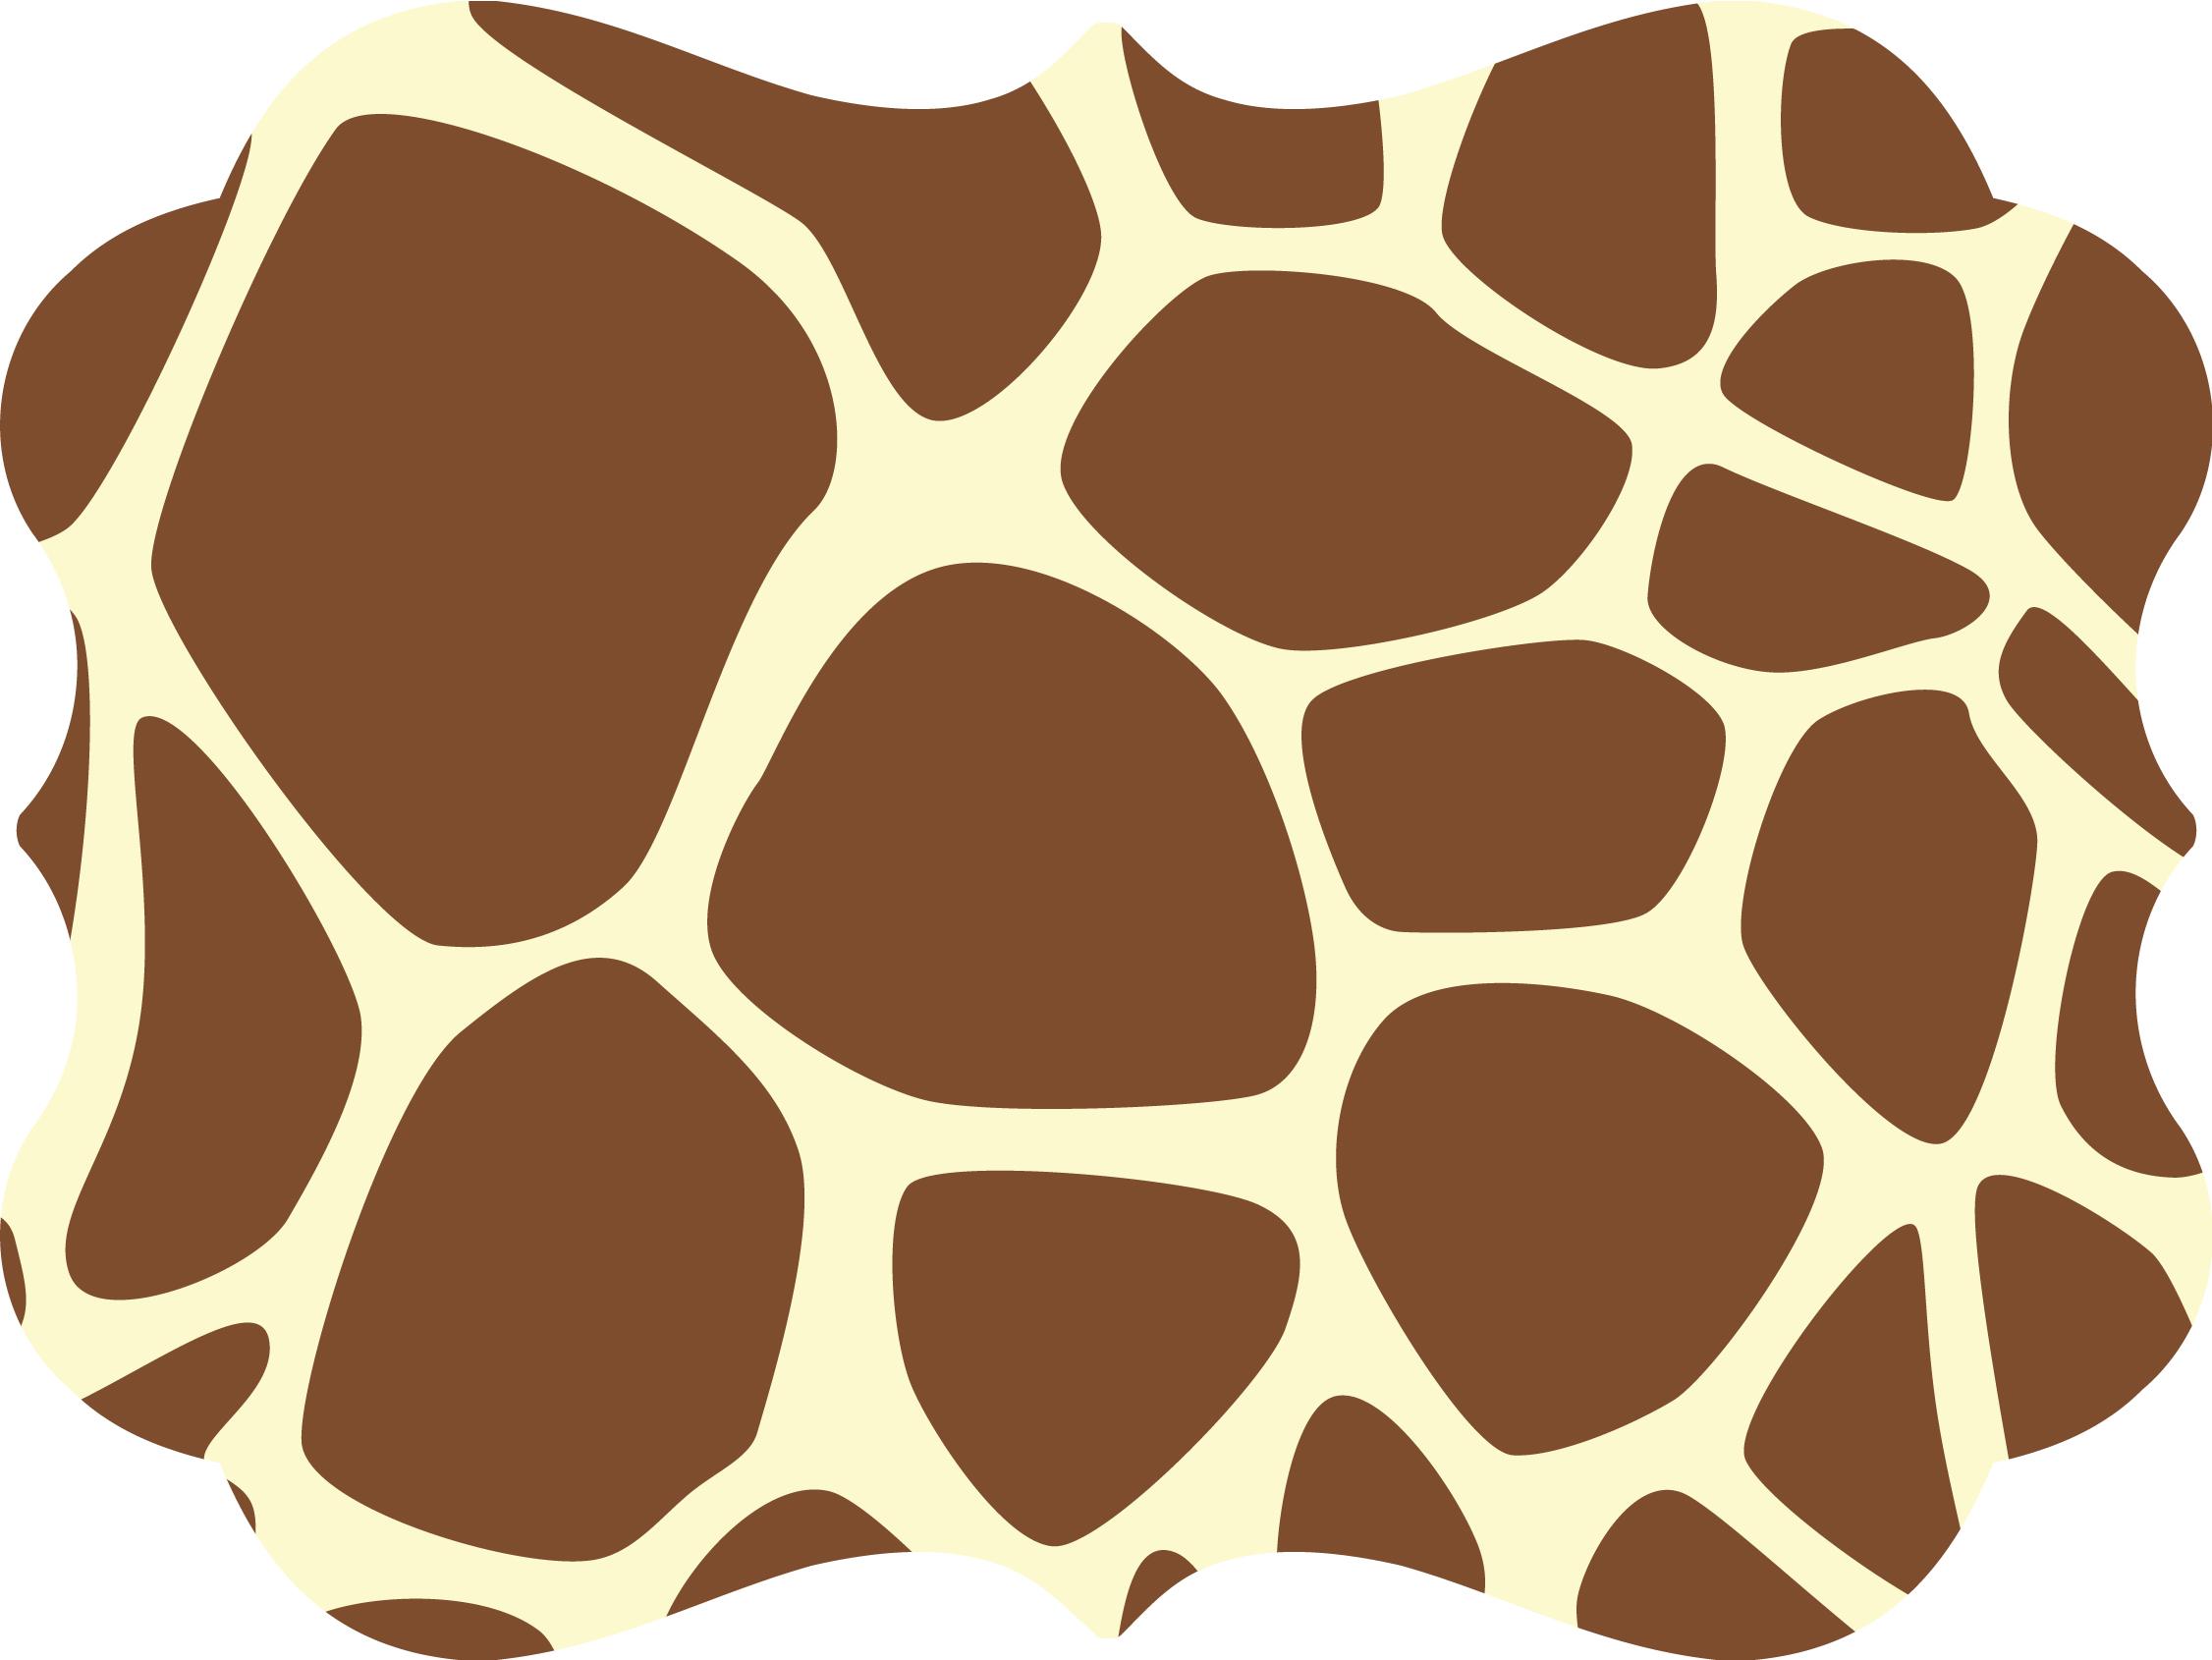 cartoon giraffe wallpaper - HD Desktop Wallpapers   4k HD